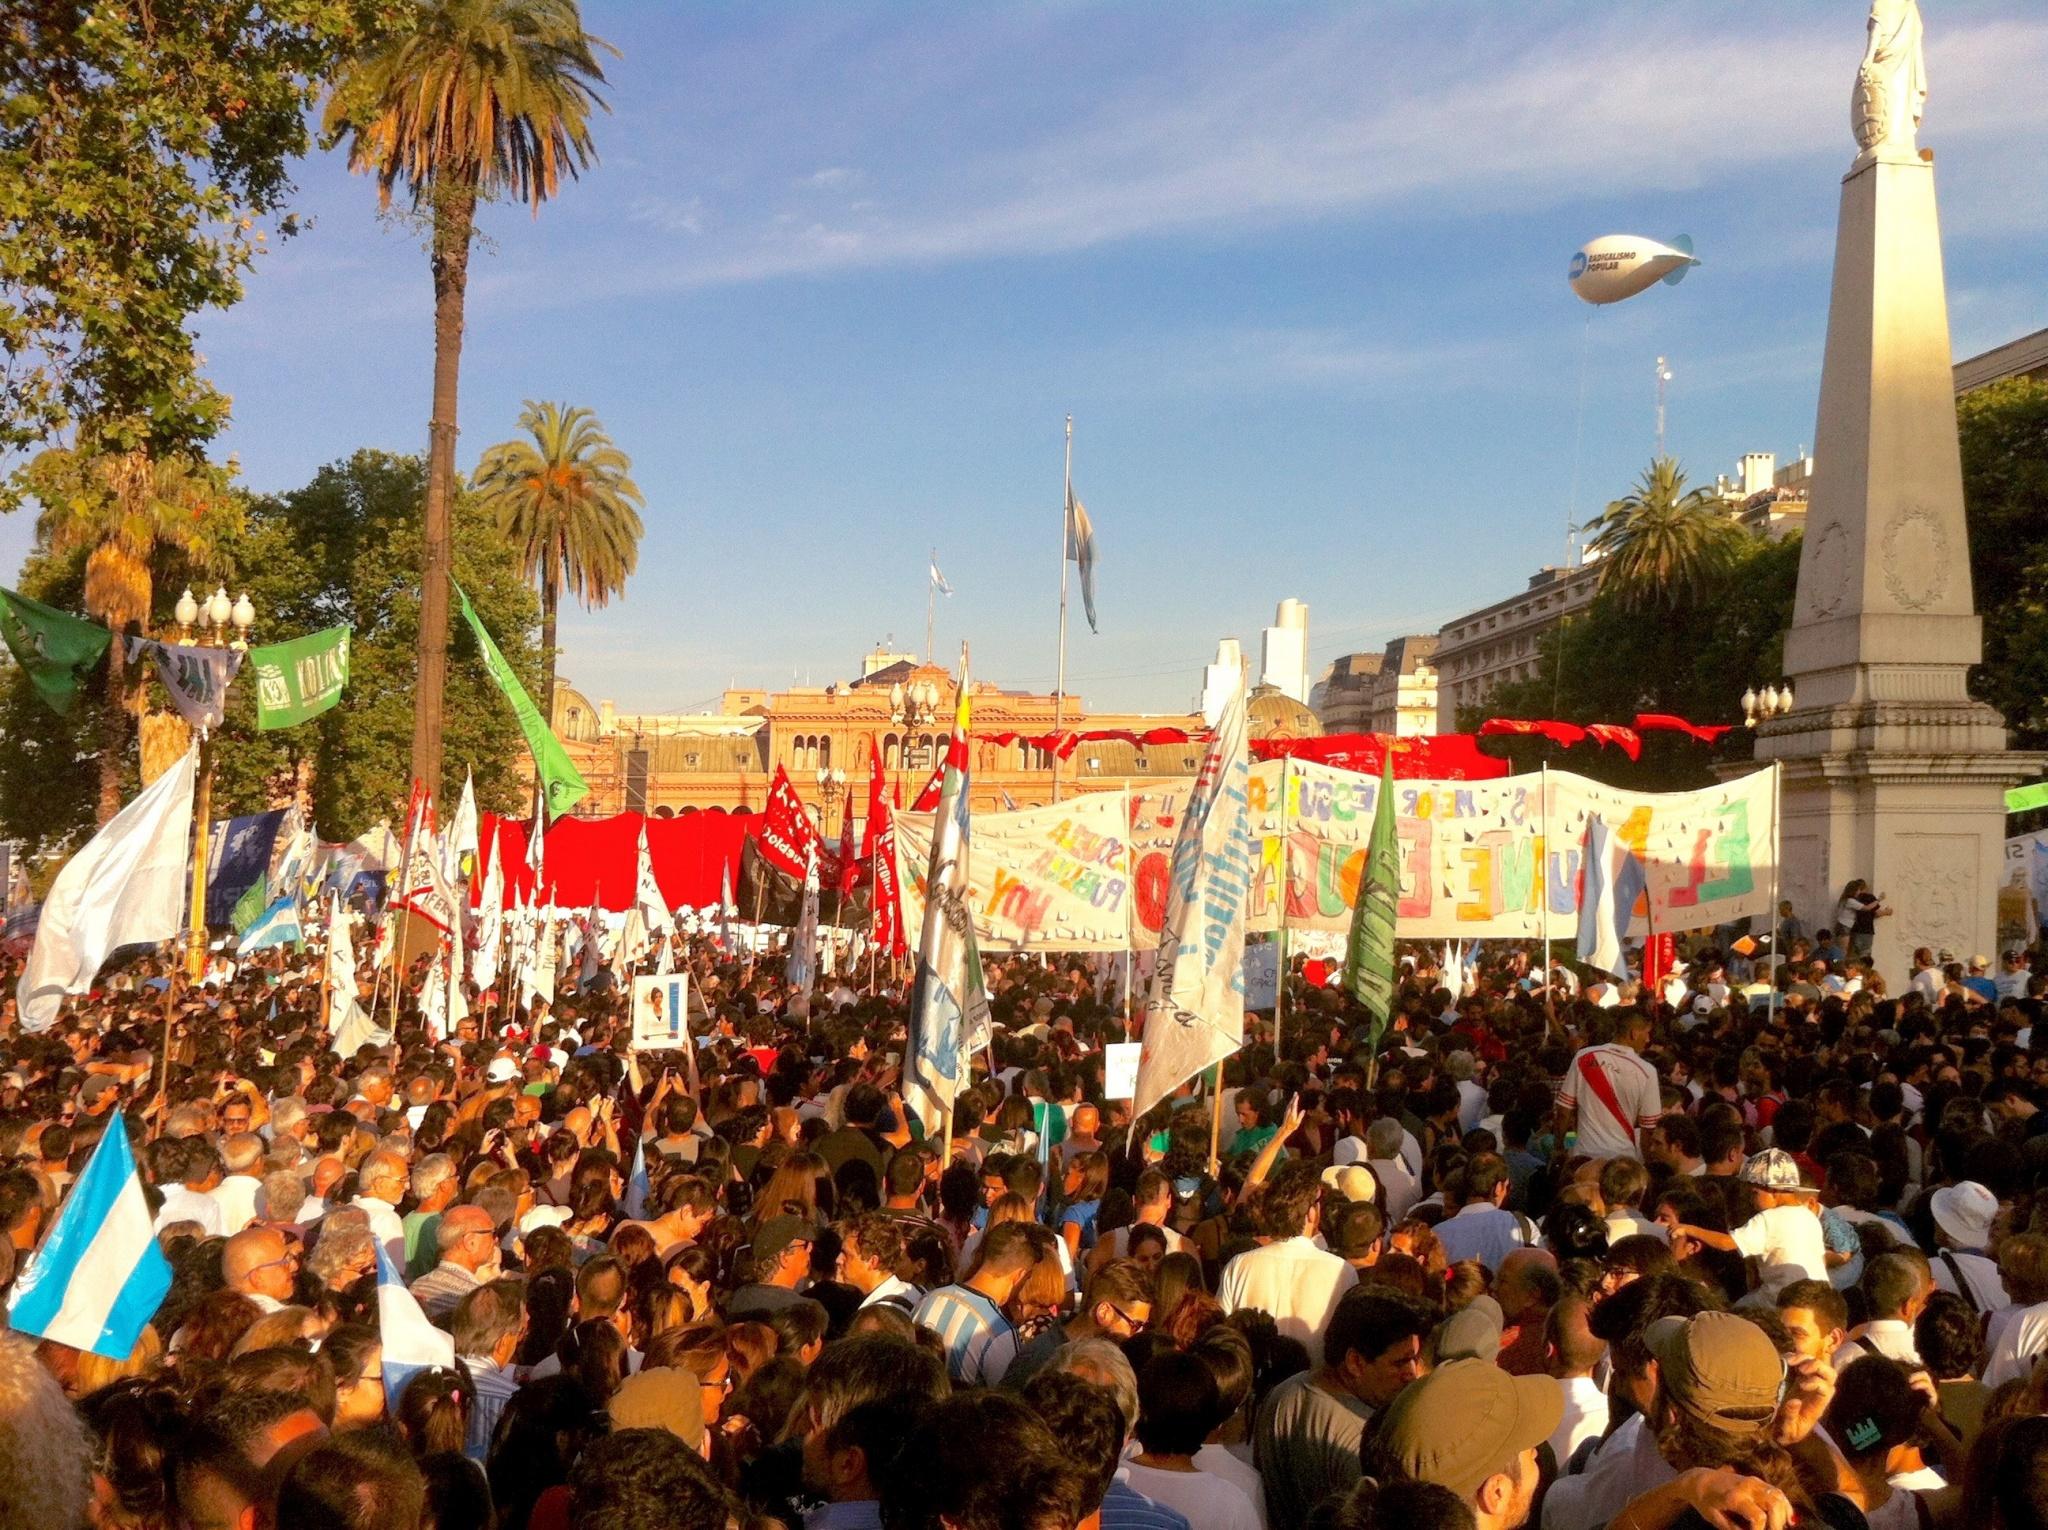 La mythique Place de Mai, mercredi 9 décembre, débordée par la foule venue acclamée la populaire présidente sortante argentine – Cristina Fernandez de Kirchner – à la veille de l'investiture de Mauricio Macri. Crédits: Justine Perez / Opinion Internationale.